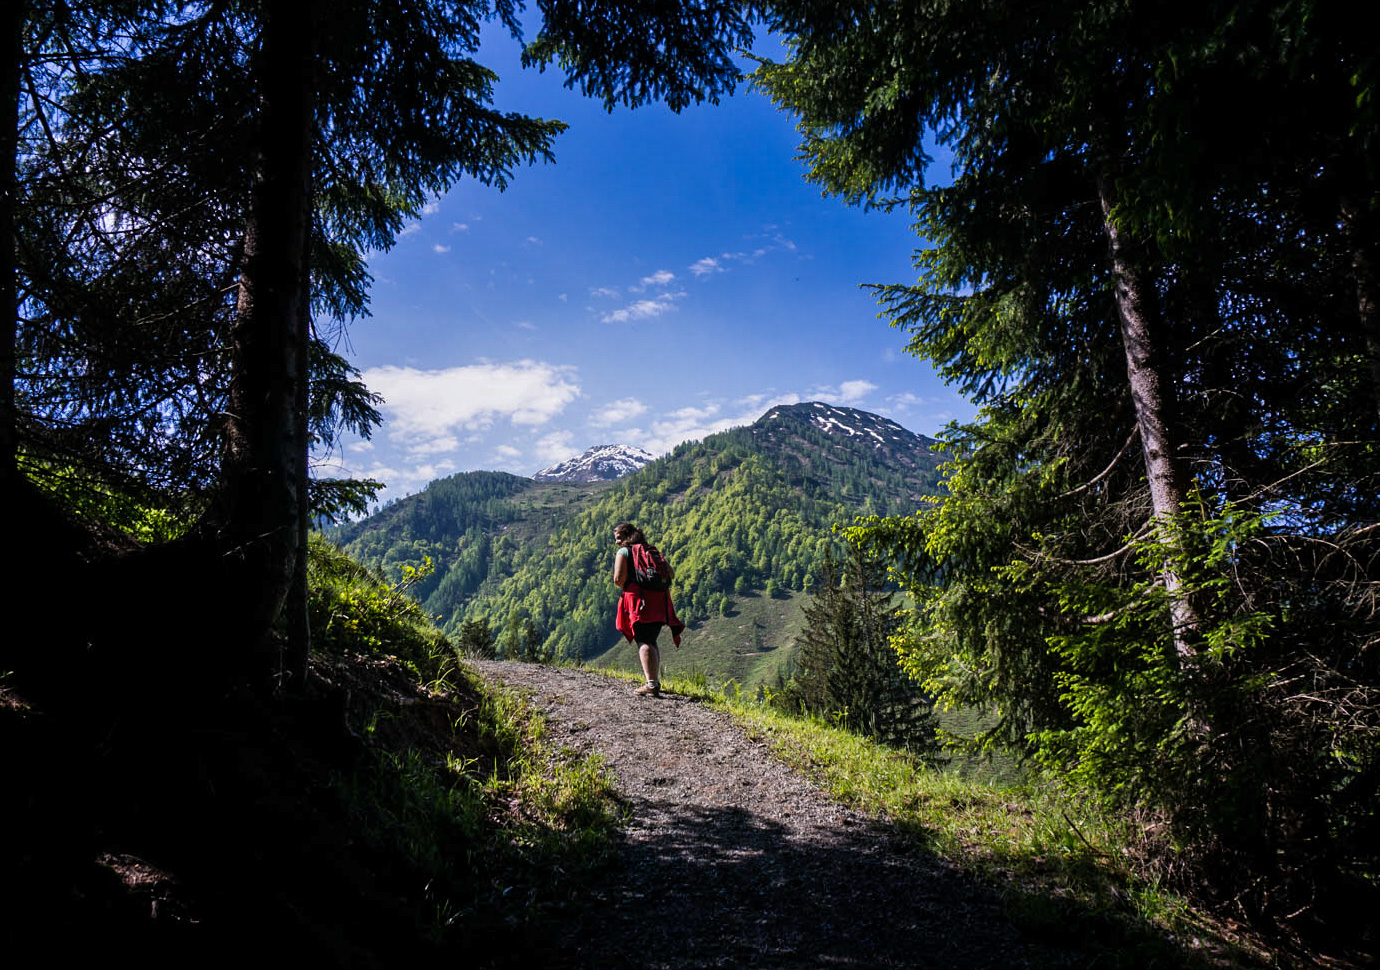 Voyage en Autriche - randonnée en Autriche